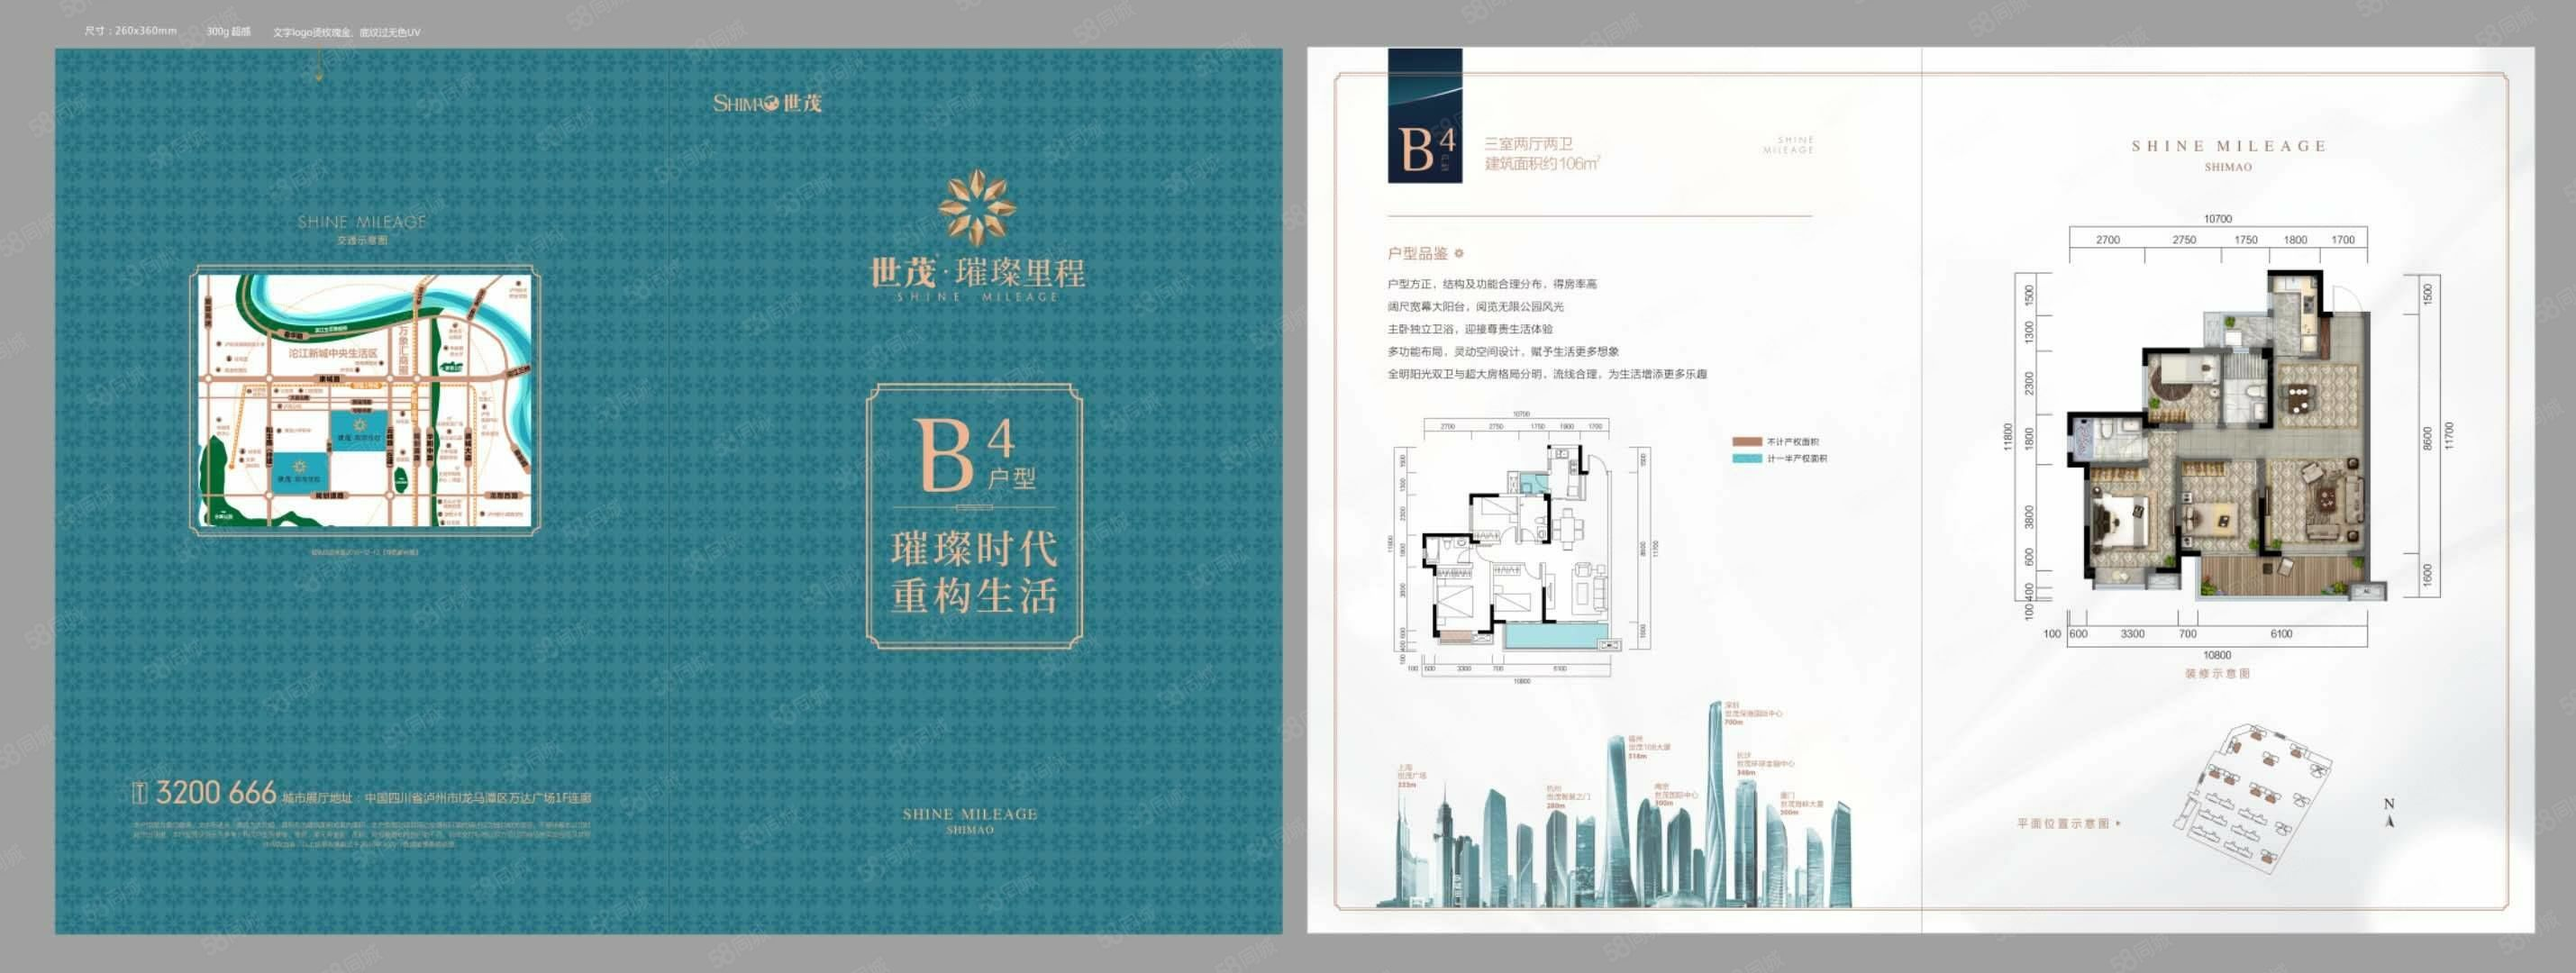 中國地產行業前十強,世茂璀璨里程,讓人生里程璀璨靚麗!